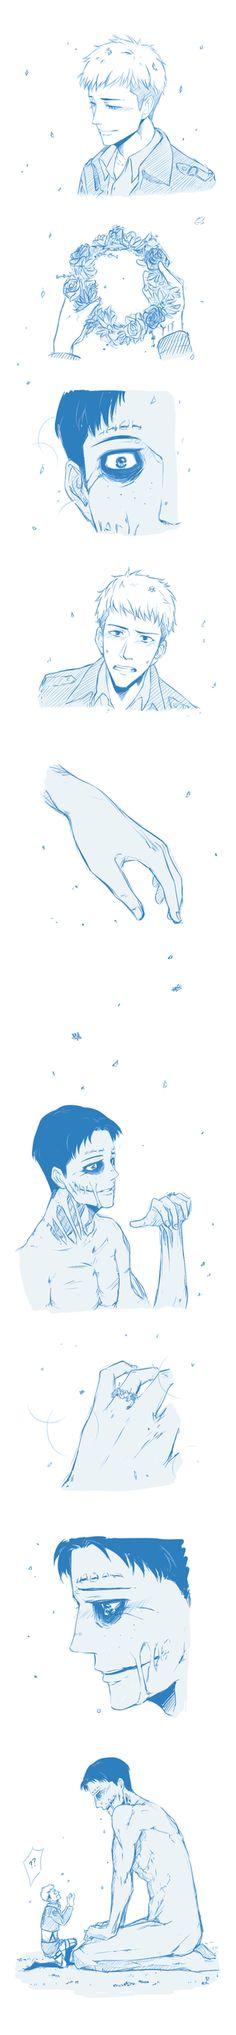 You're still mine remember? (Music link) by MiyajimaMizy on DeviantArt